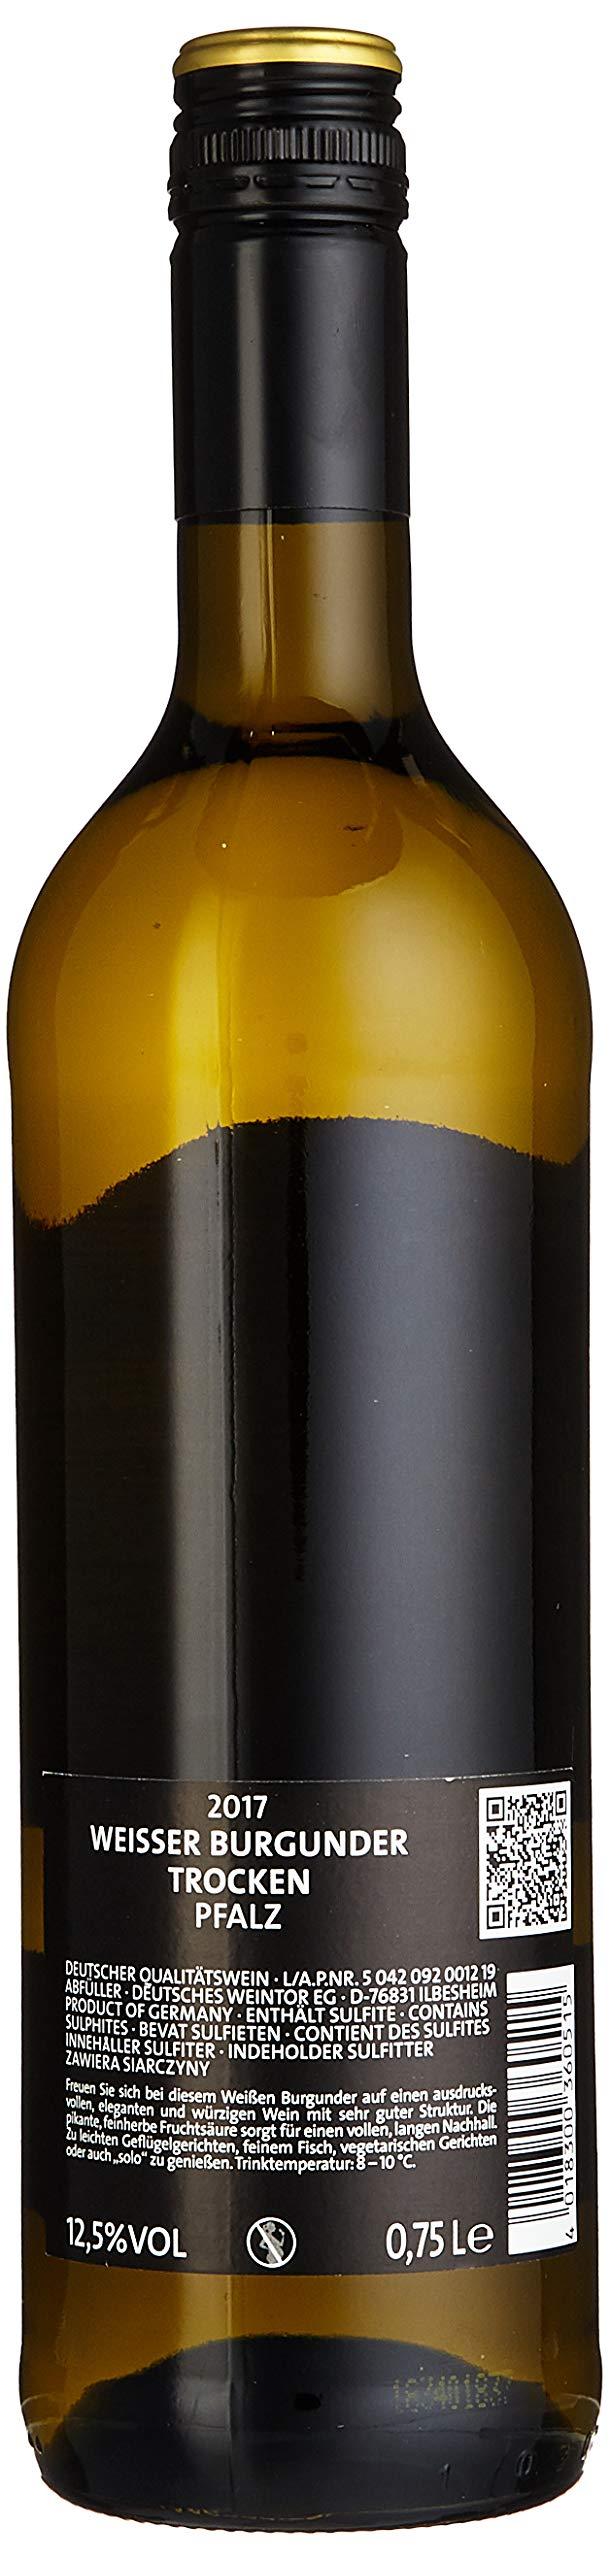 Deutsches-Weintor-Weissburgunder-trocken-6-x-075-l